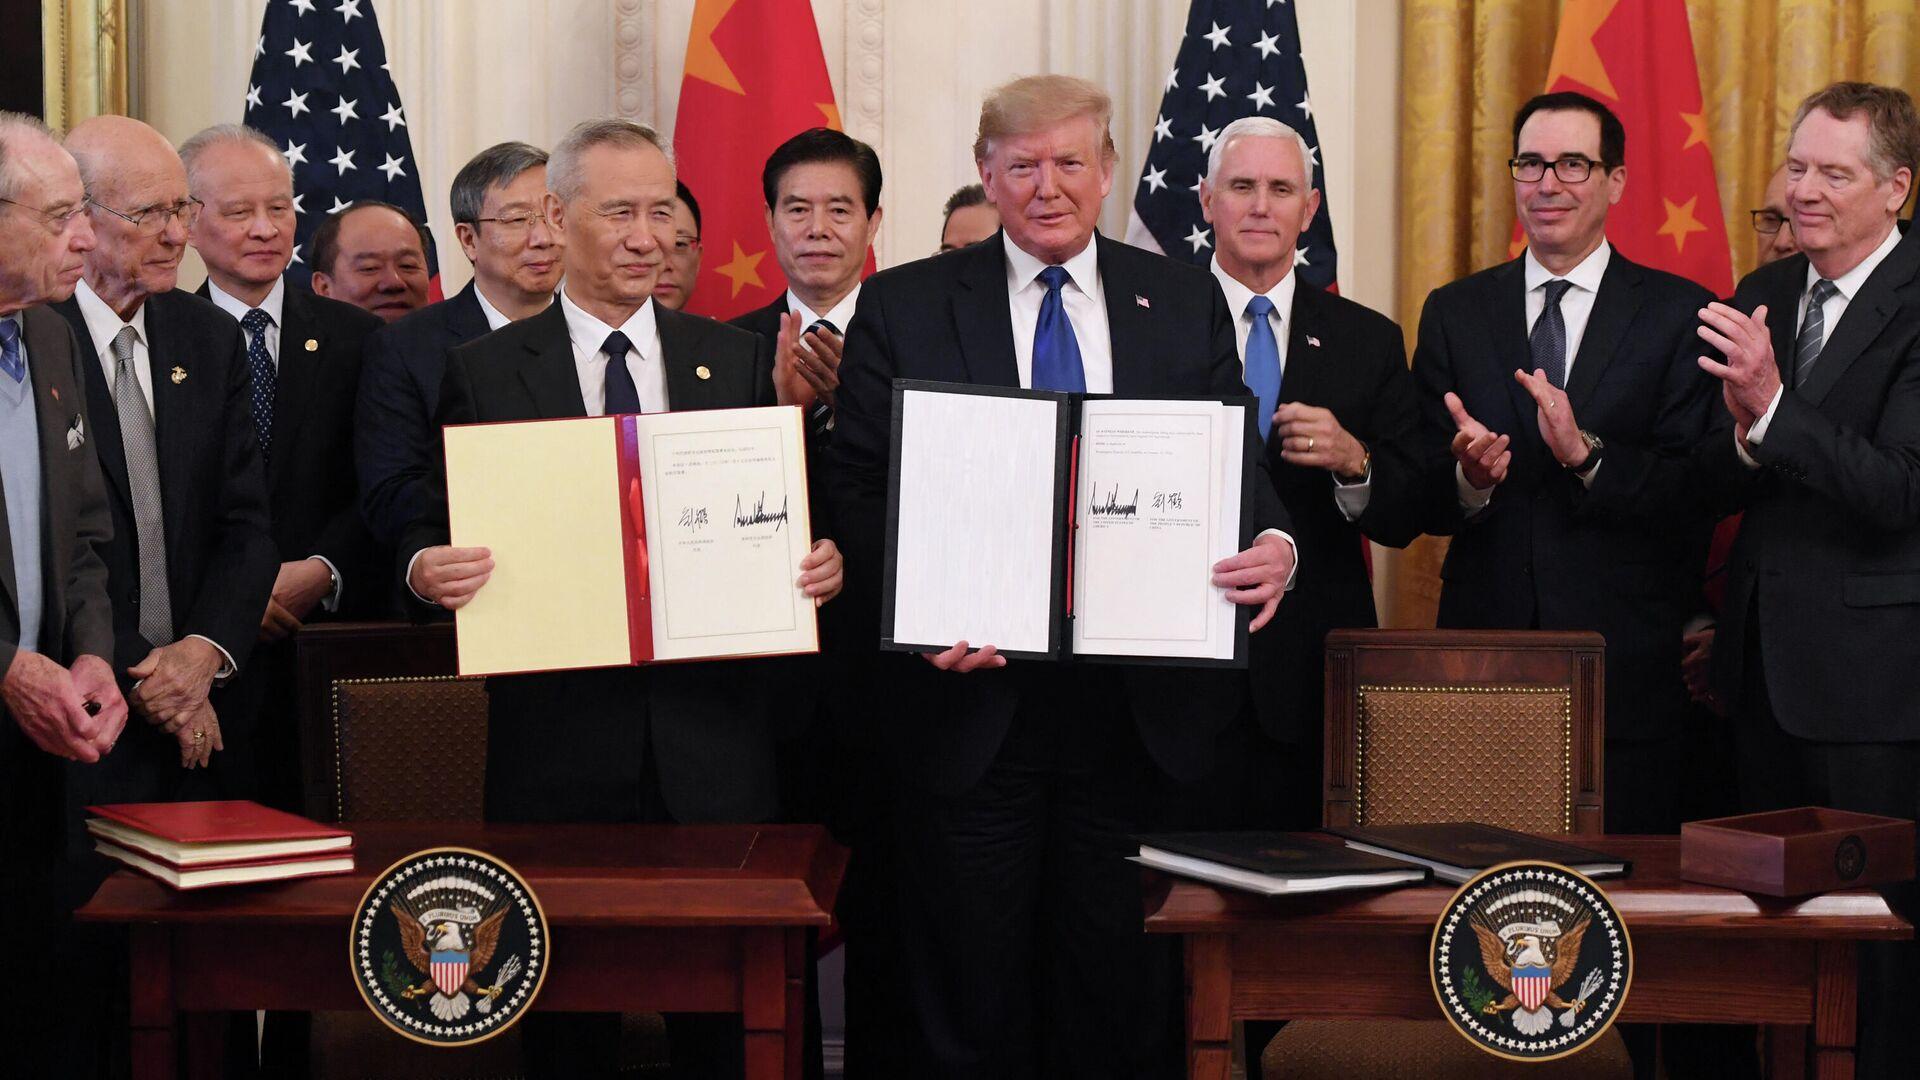 Вице-премьер Китая Лю Хэ и президент США Дональд Трамп после подписания первого пакета документов в рамках торгового соглашения в Вашингтоне - РИА Новости, 1920, 27.02.2021